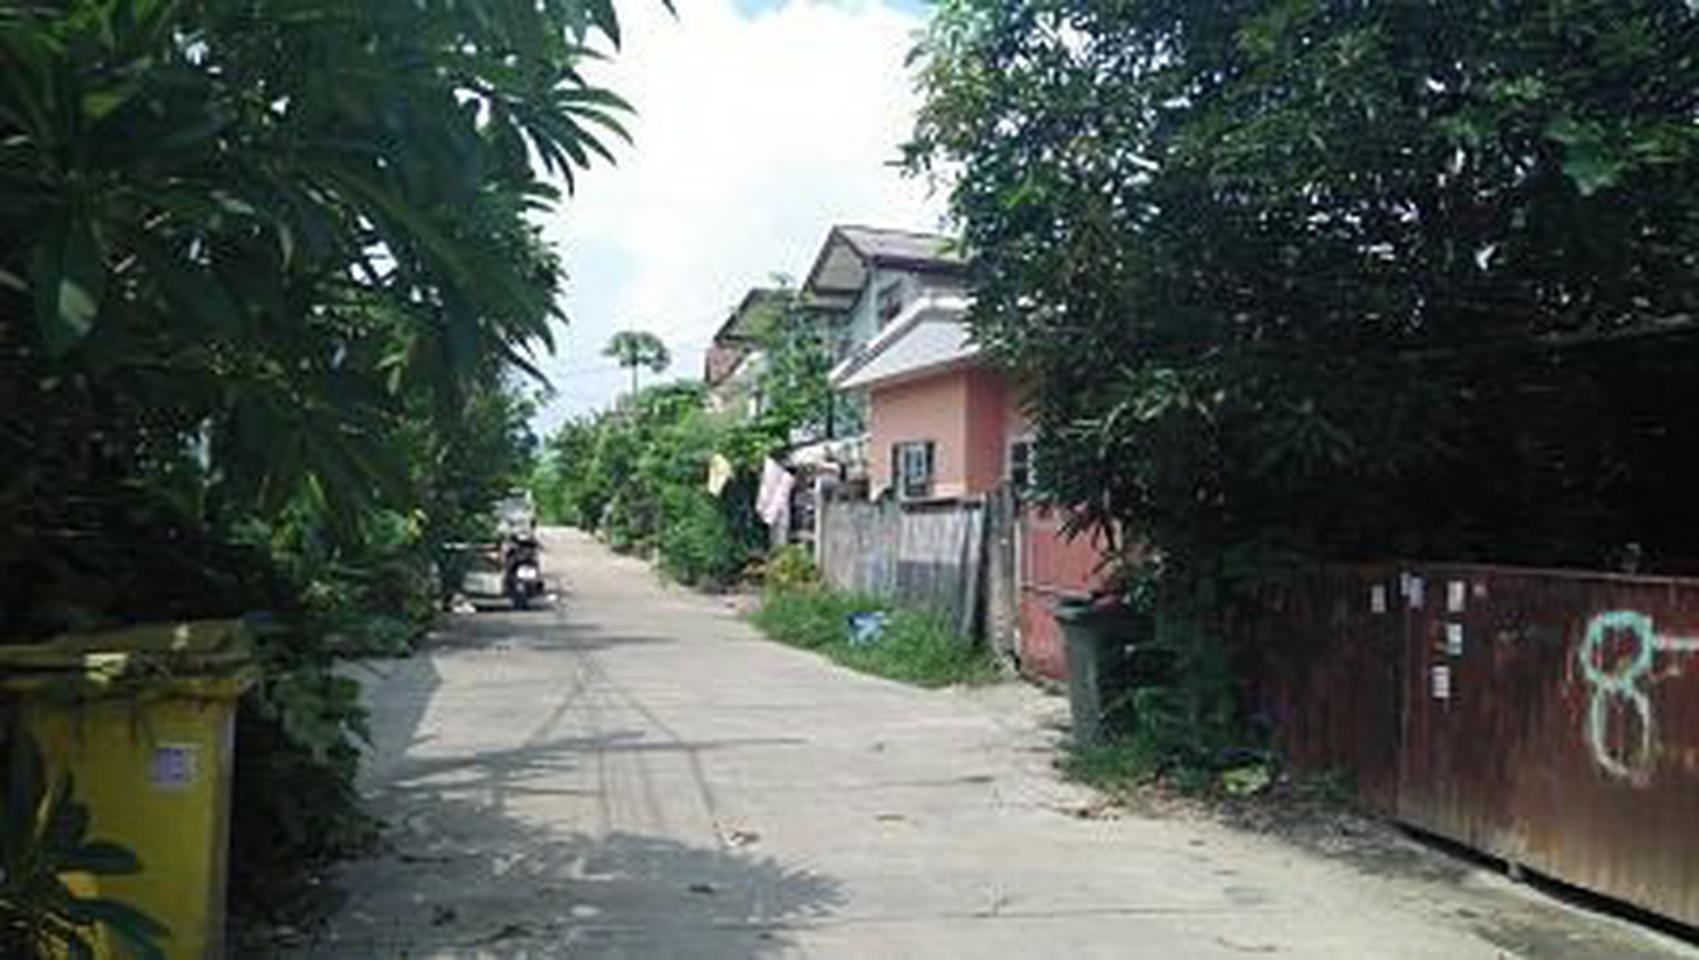 ย่านถนนเทพารักษ์-หนามแดง-สำโรง พร้อมต้นมะม่วงใหญ่หลายสิบปี ร รูปที่ 6